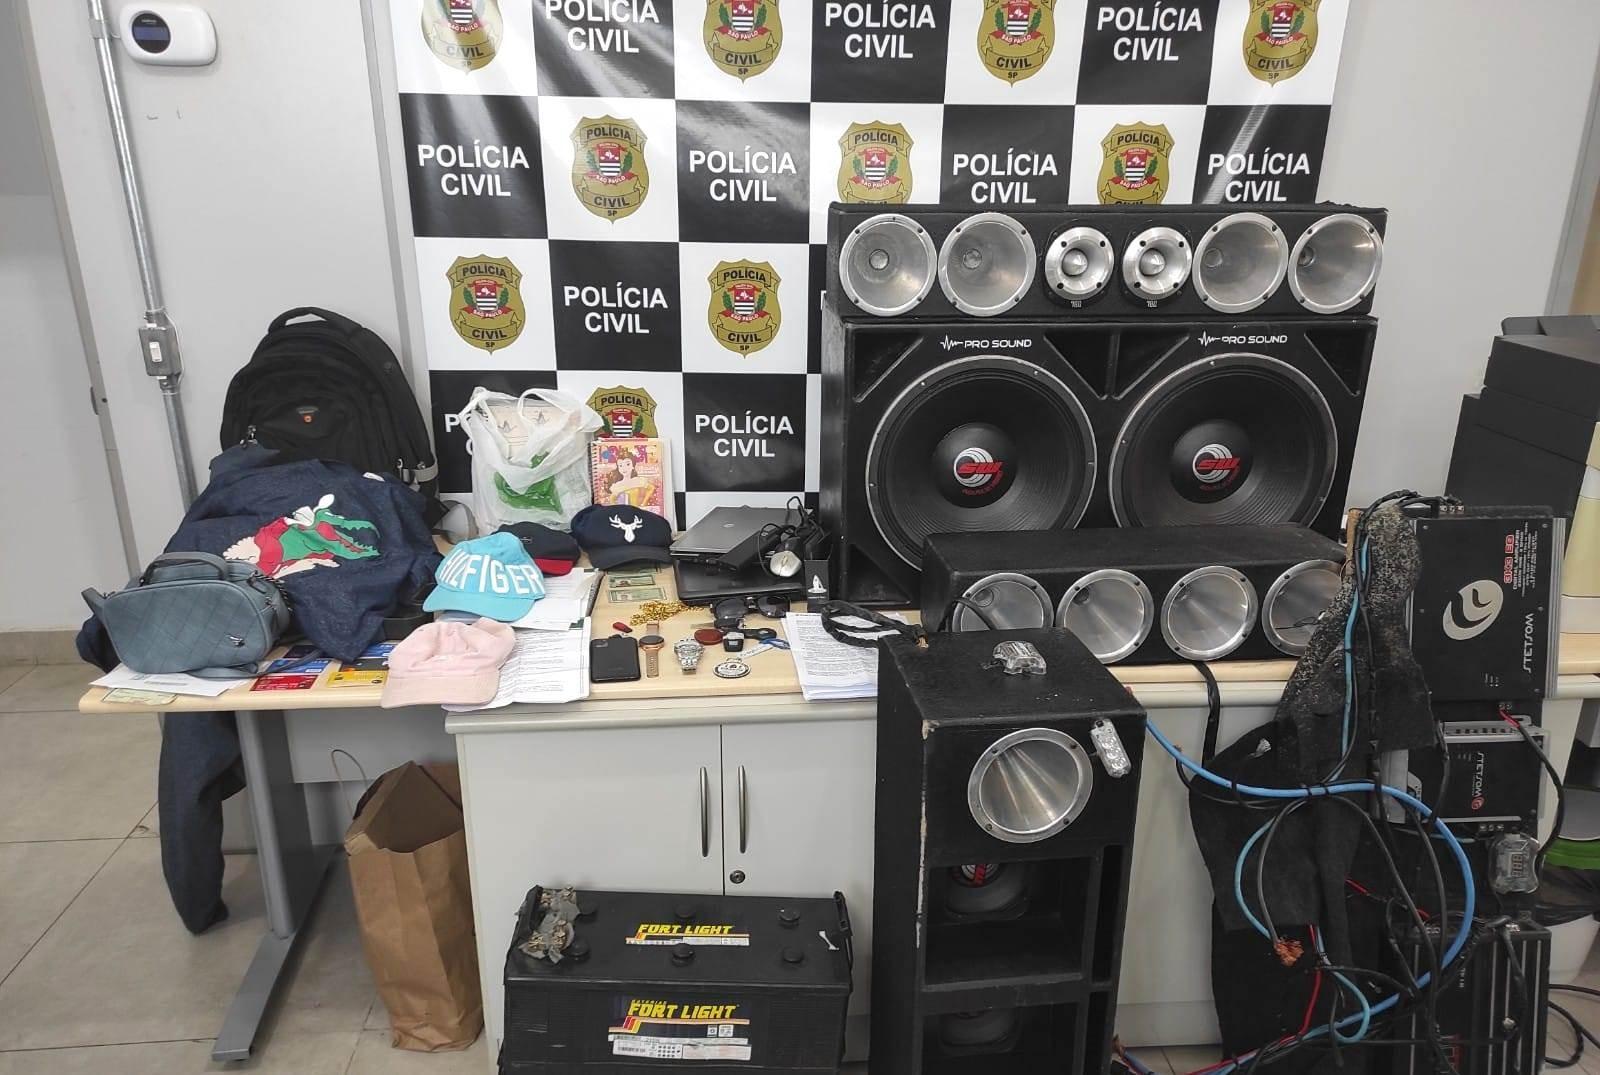 Polícia prende 4 suspeitos por série de furtos e roubos de caminhonetes em Americana; carro de luxo é apreendido